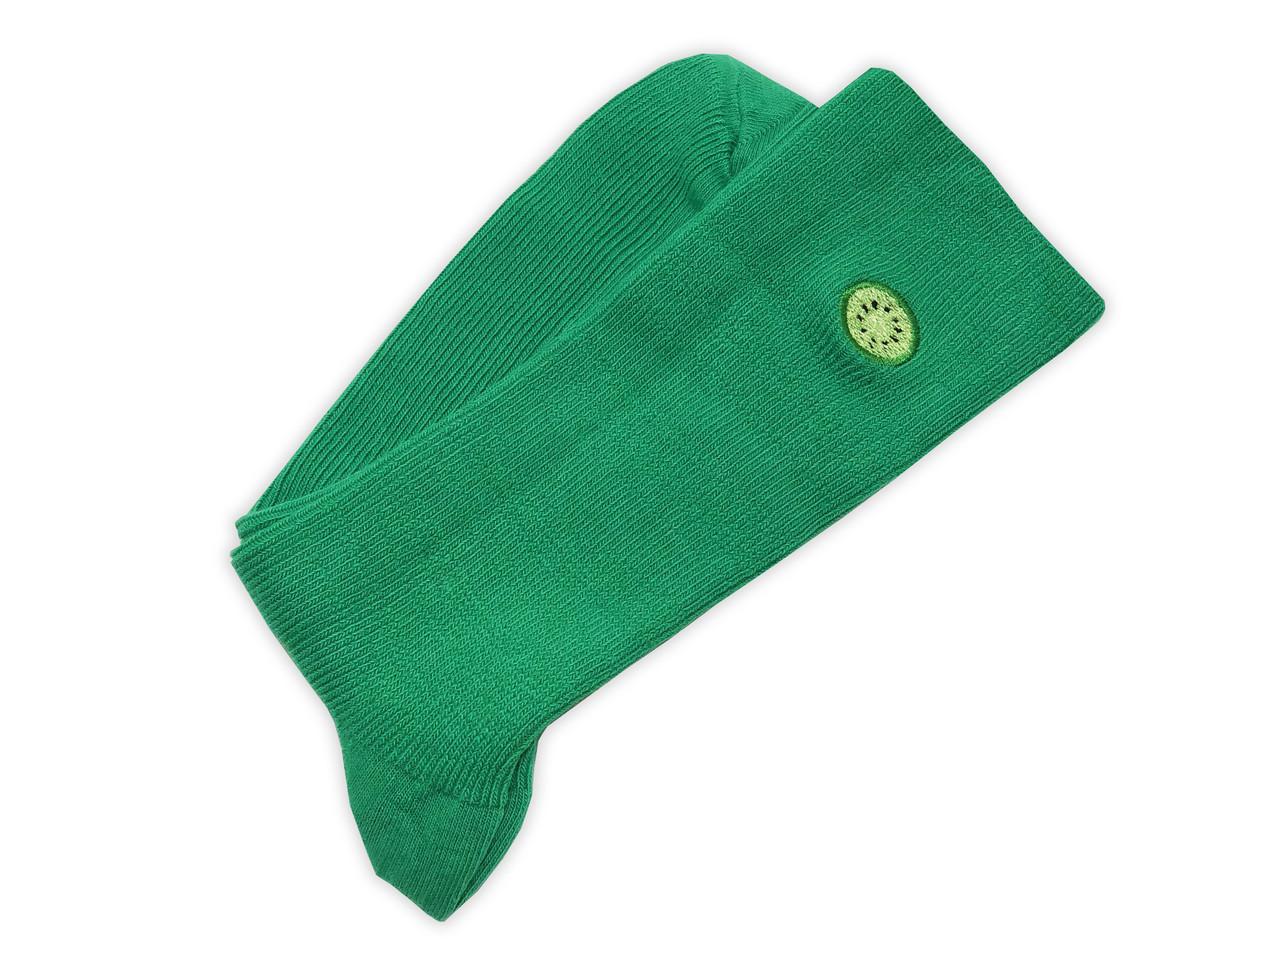 Носки Neseli Daily Premium Киви зелёные 7299